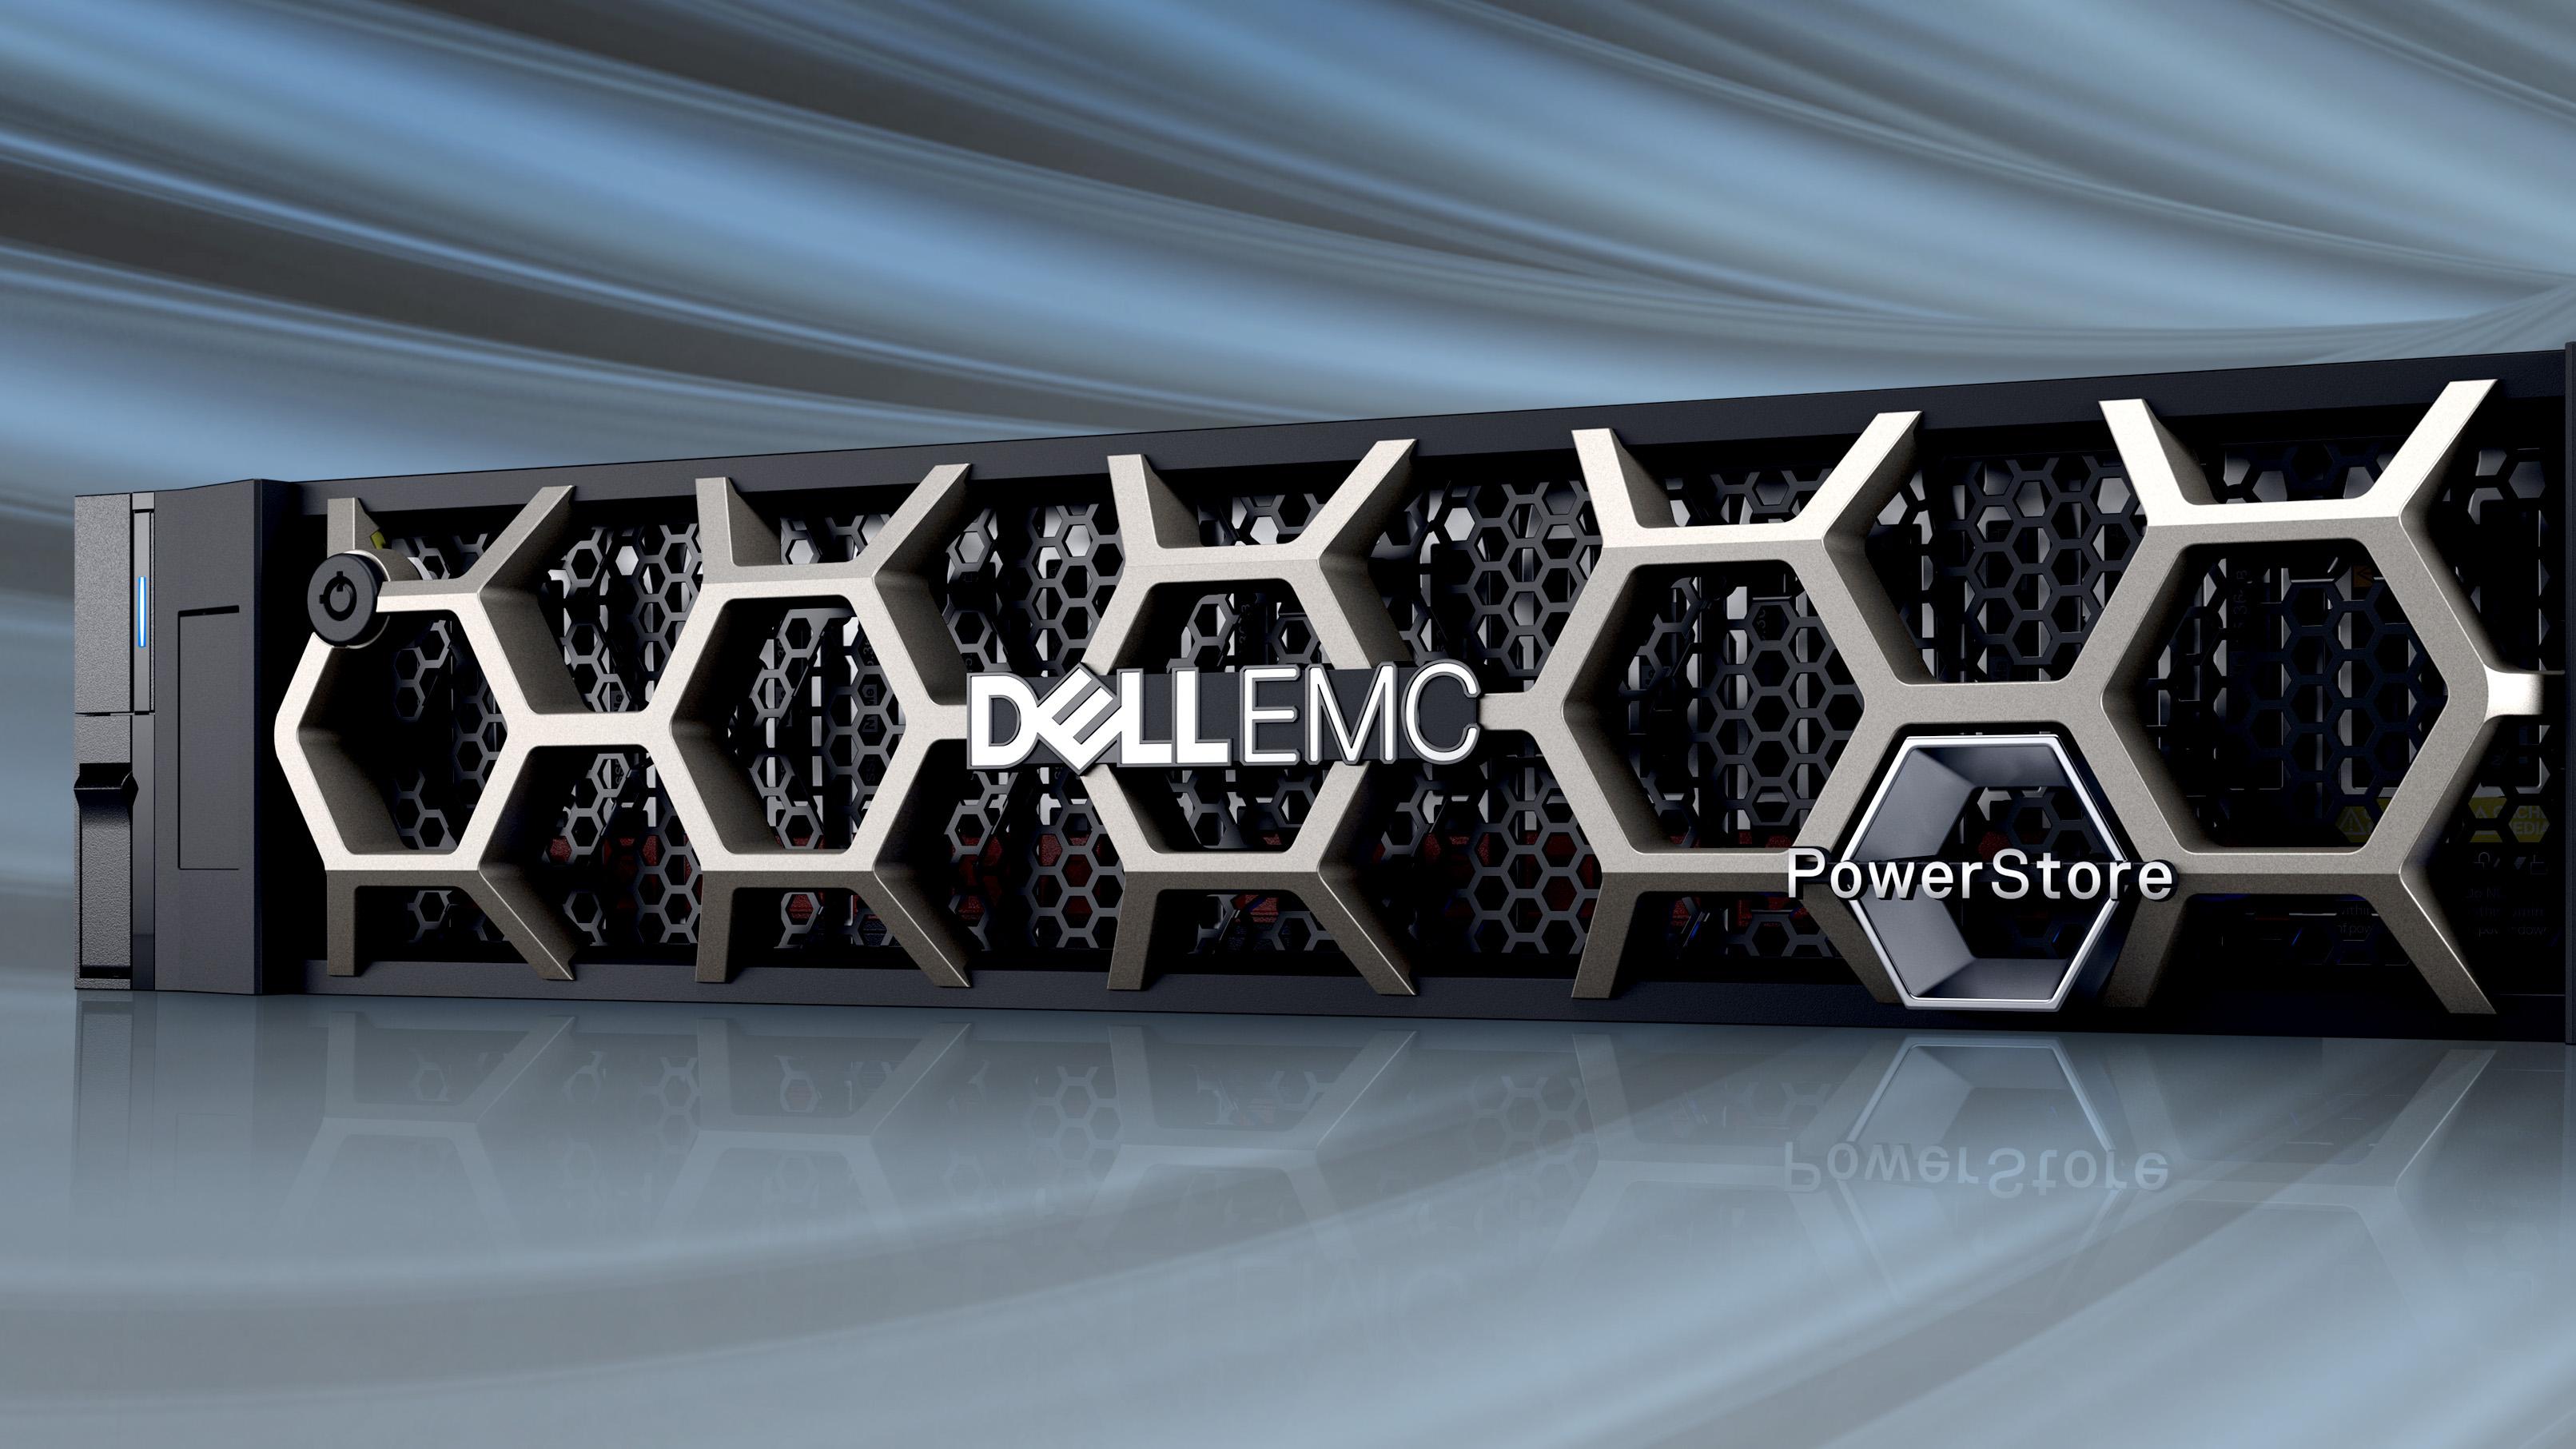 Функция AppsON в Dell EMC PowerStore запускаем приложения прямо на массиве